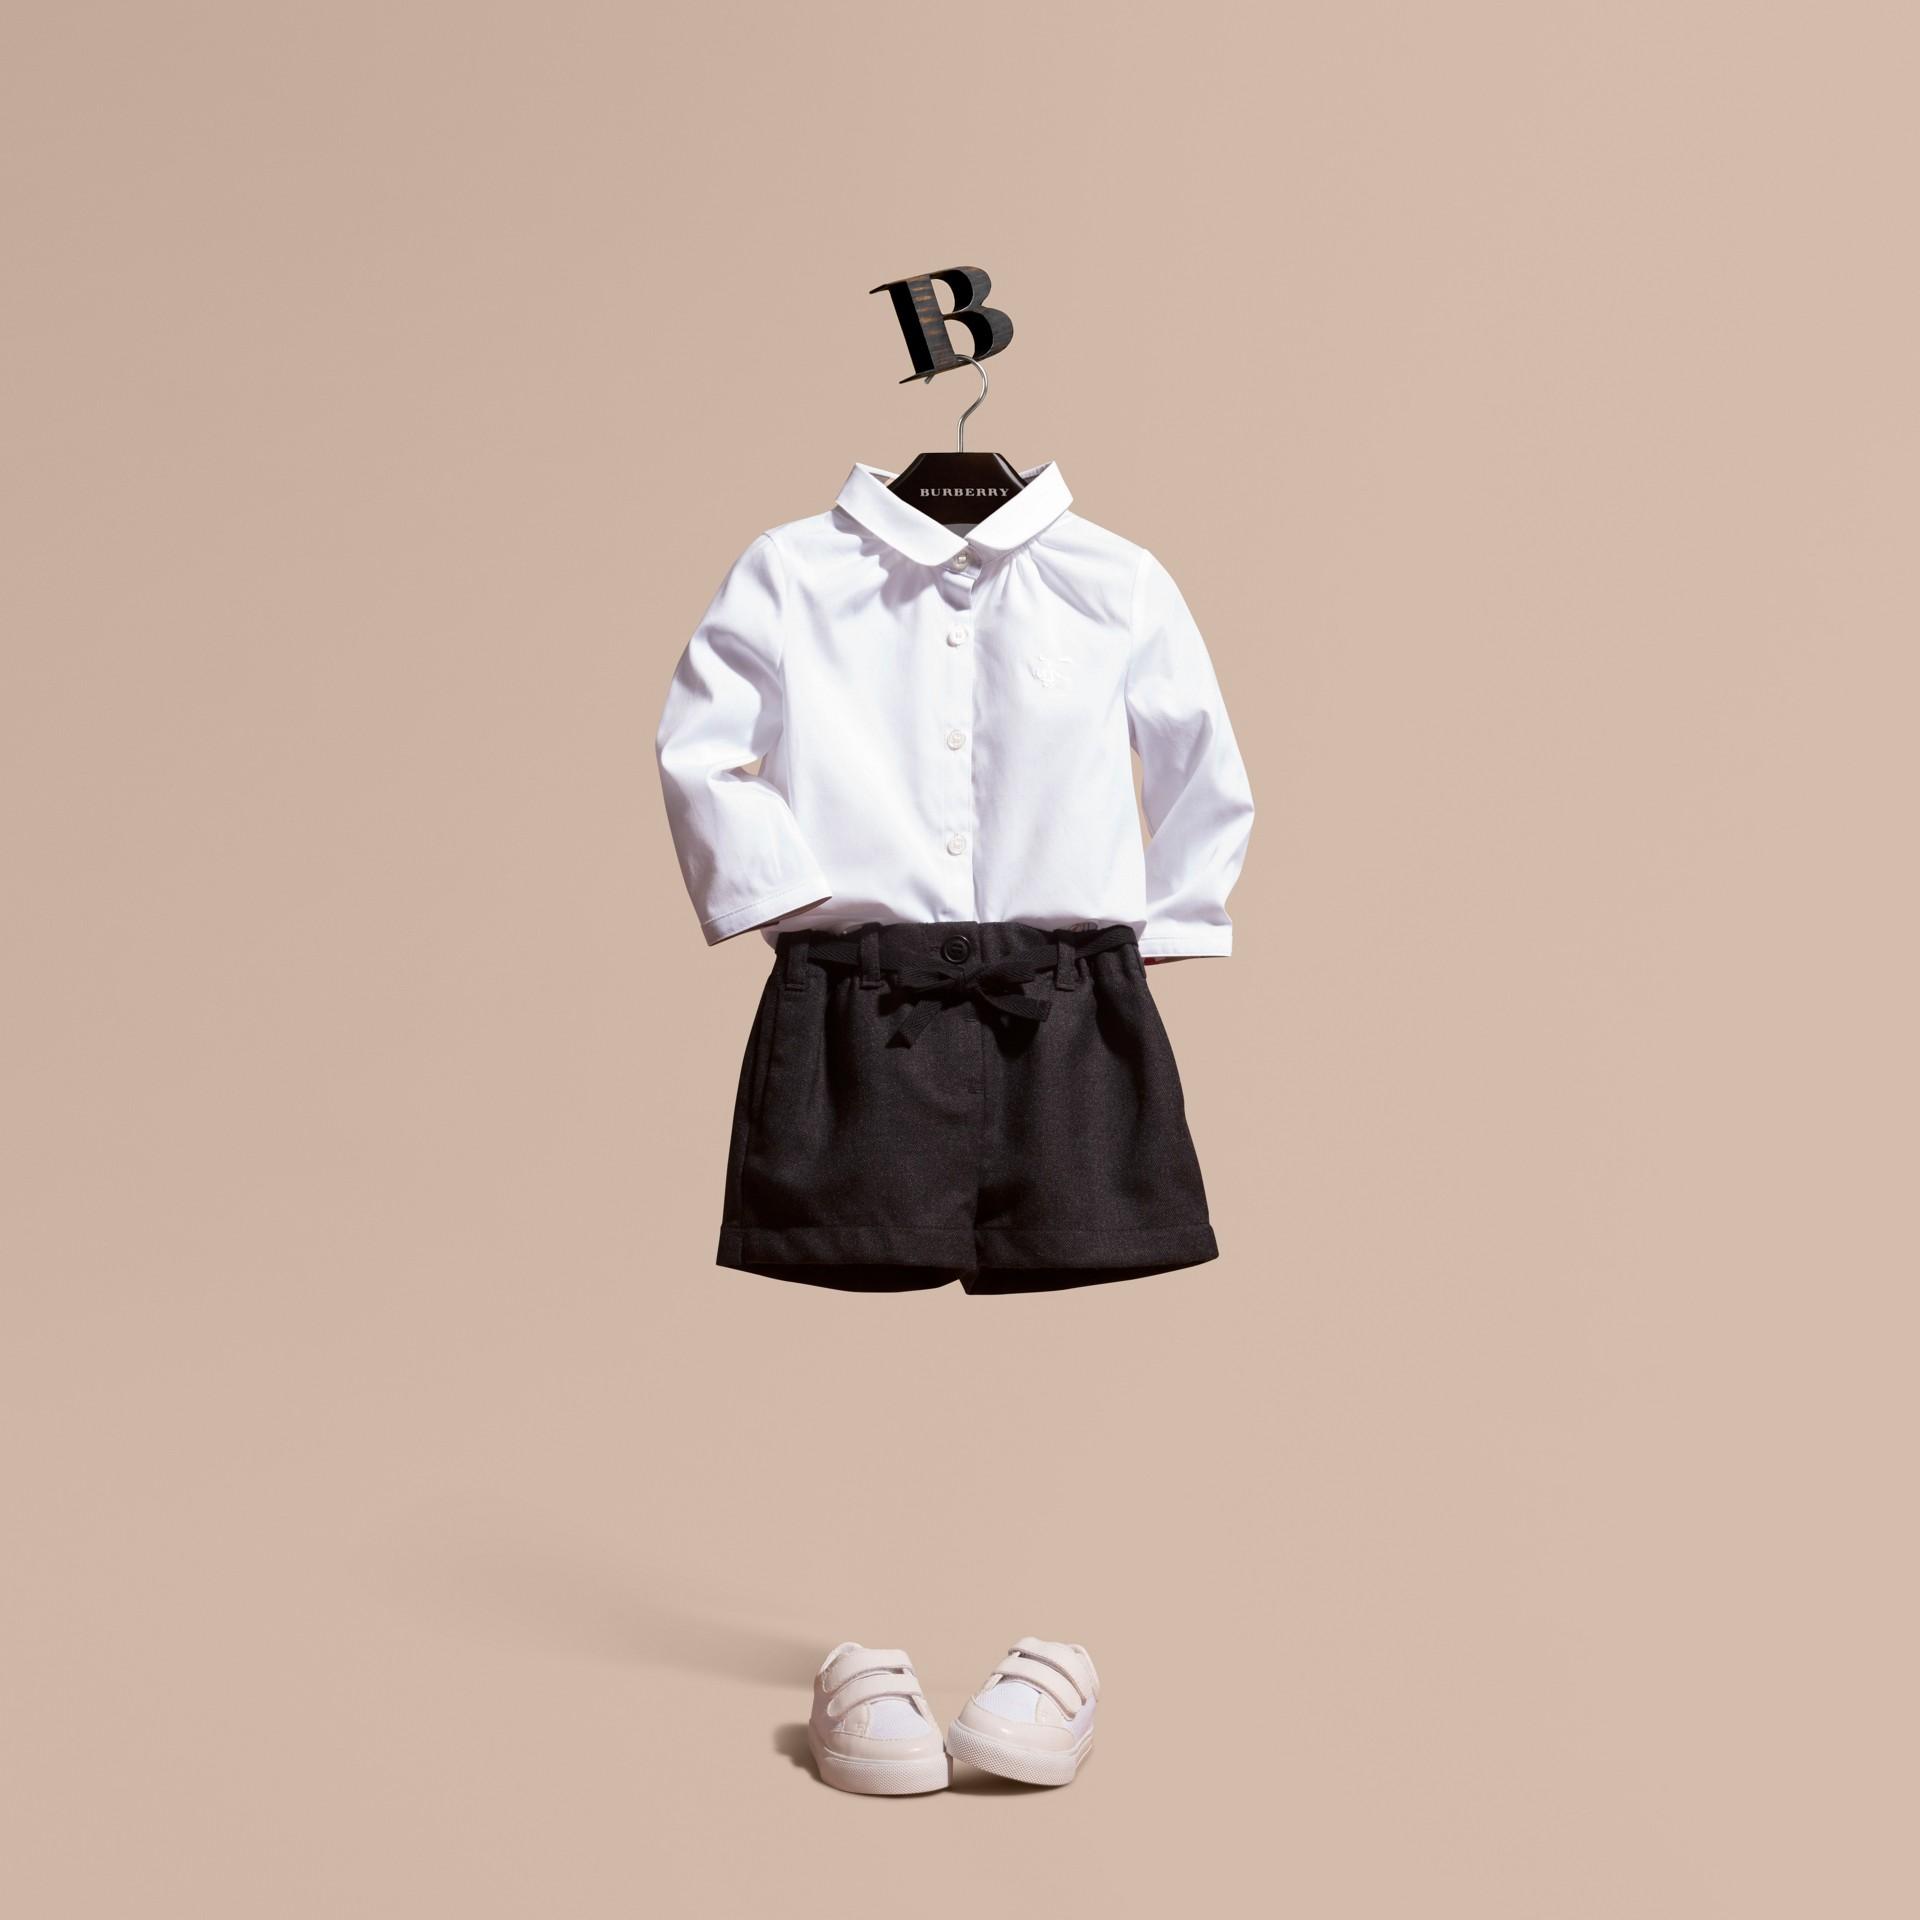 Branco Camisa de algodão stretch com colarinho Peter Pan - galeria de imagens 1